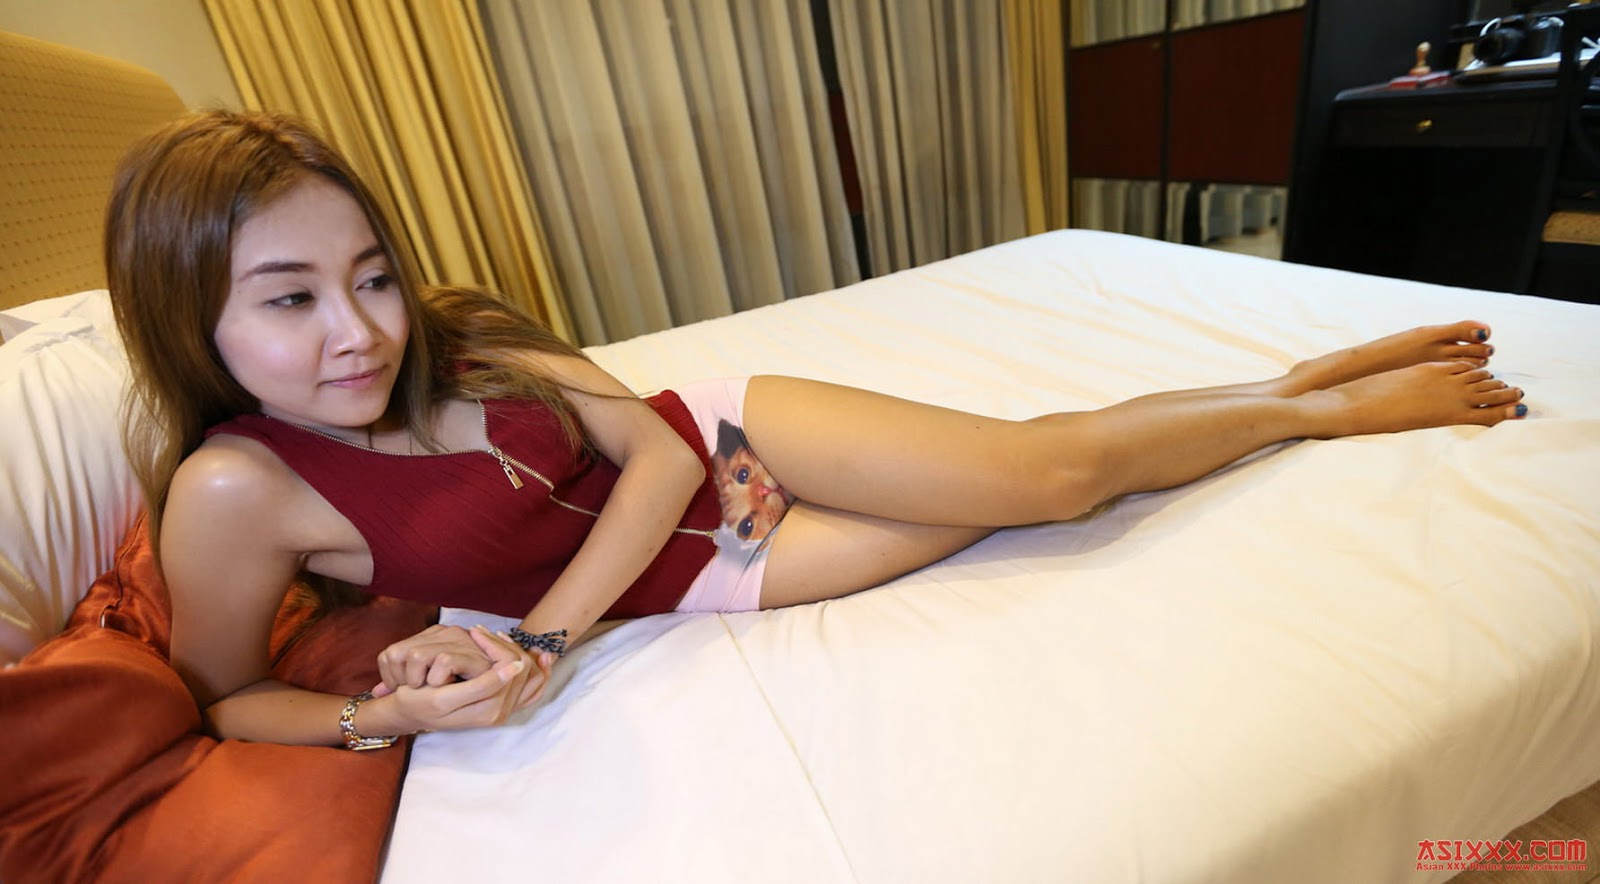 Foto bugil cewek cantik mulus tocil siap dientot diatas ranjang